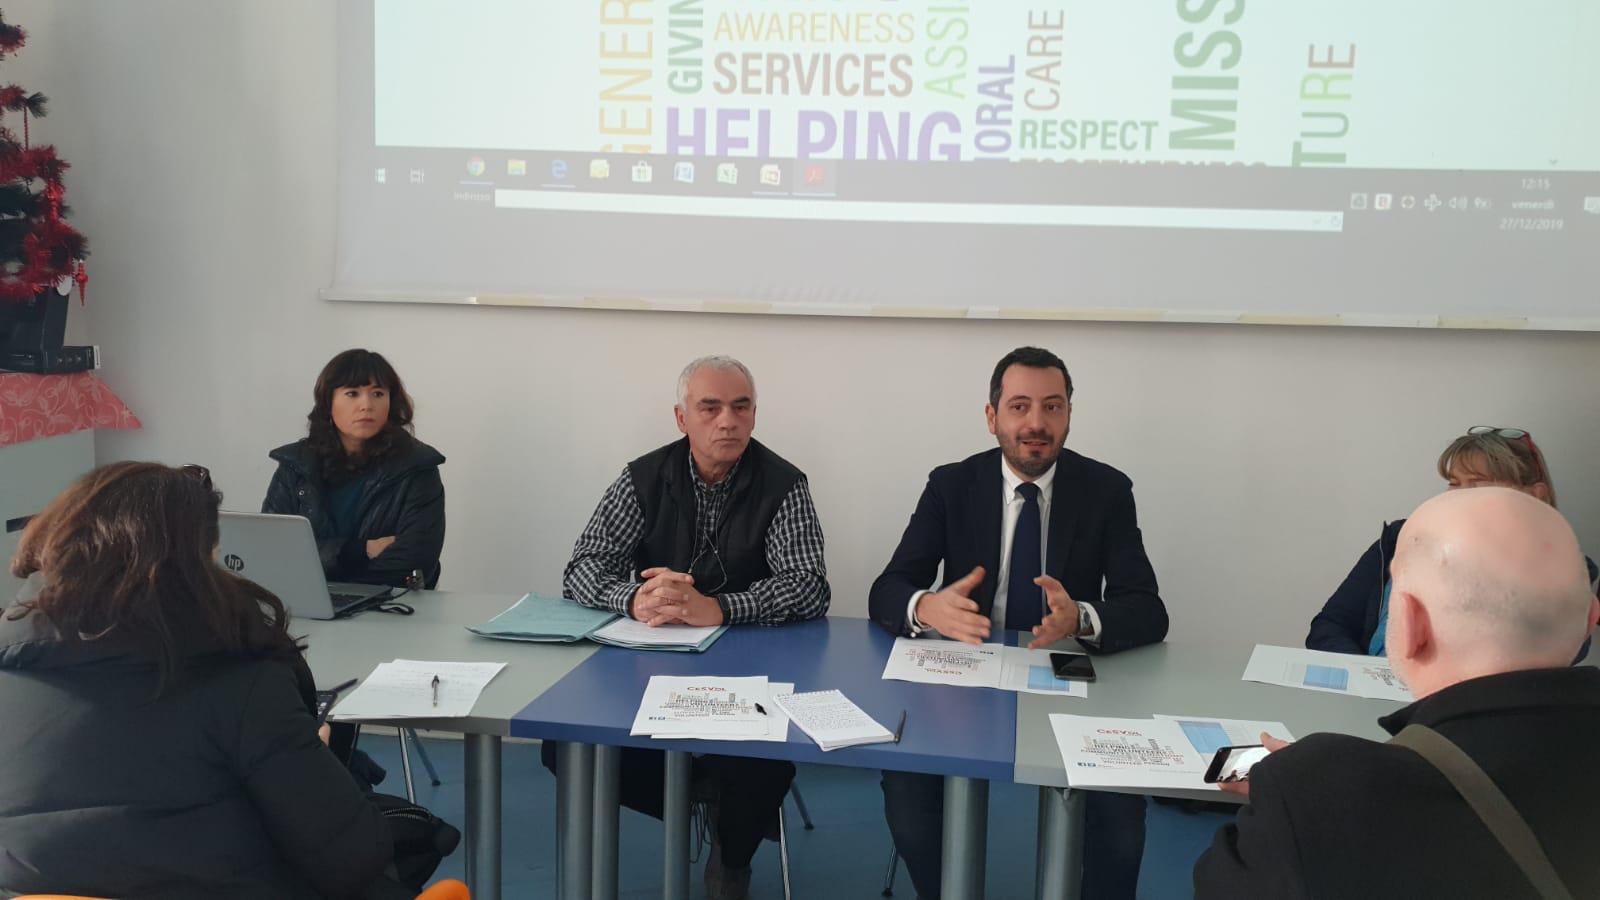 Cesvol Umbria al lavoro per proteggere e promuovere il valore del volontariato